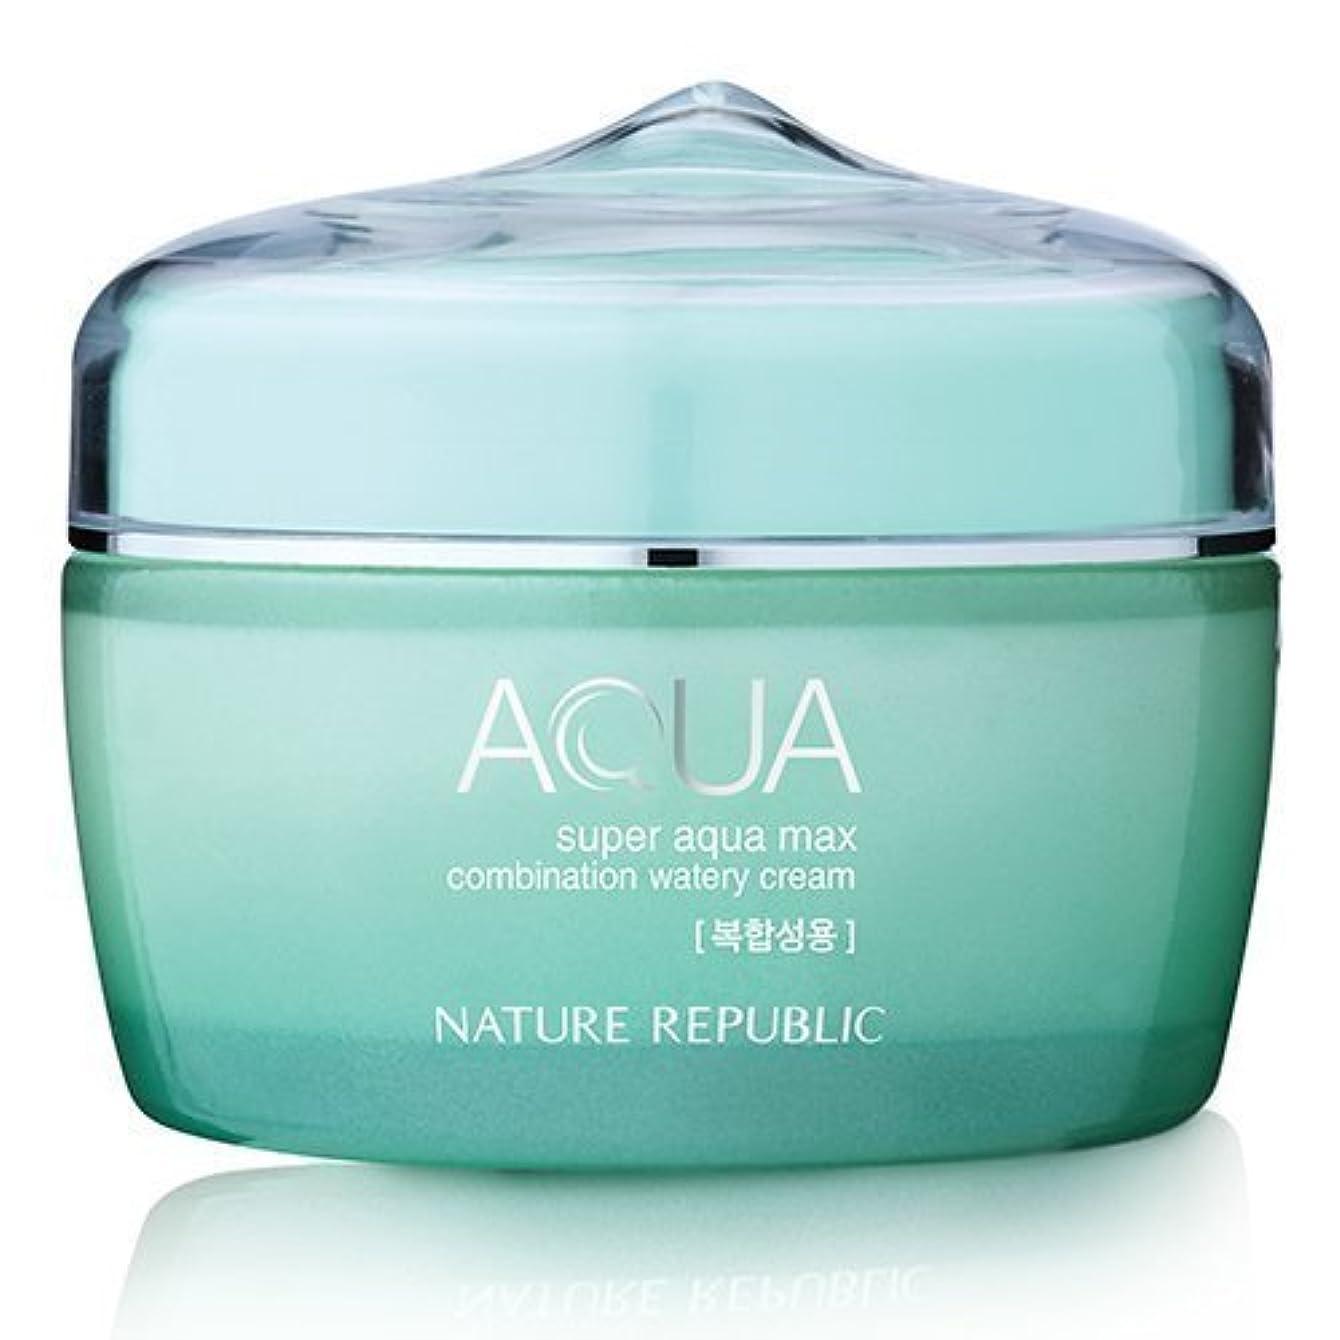 手紙を書く孤独パドルNature Republic Super Aqua Max Combination Watery Cream 80ml